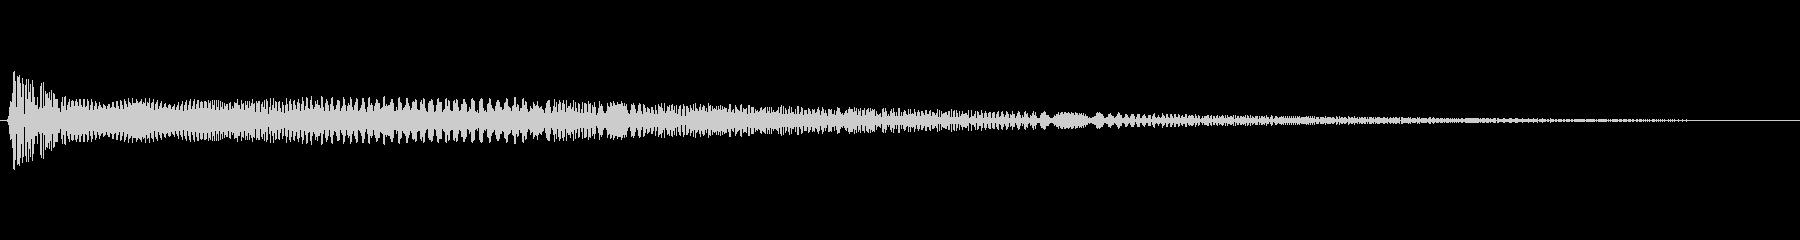 アプリやゲームの決定音の未再生の波形